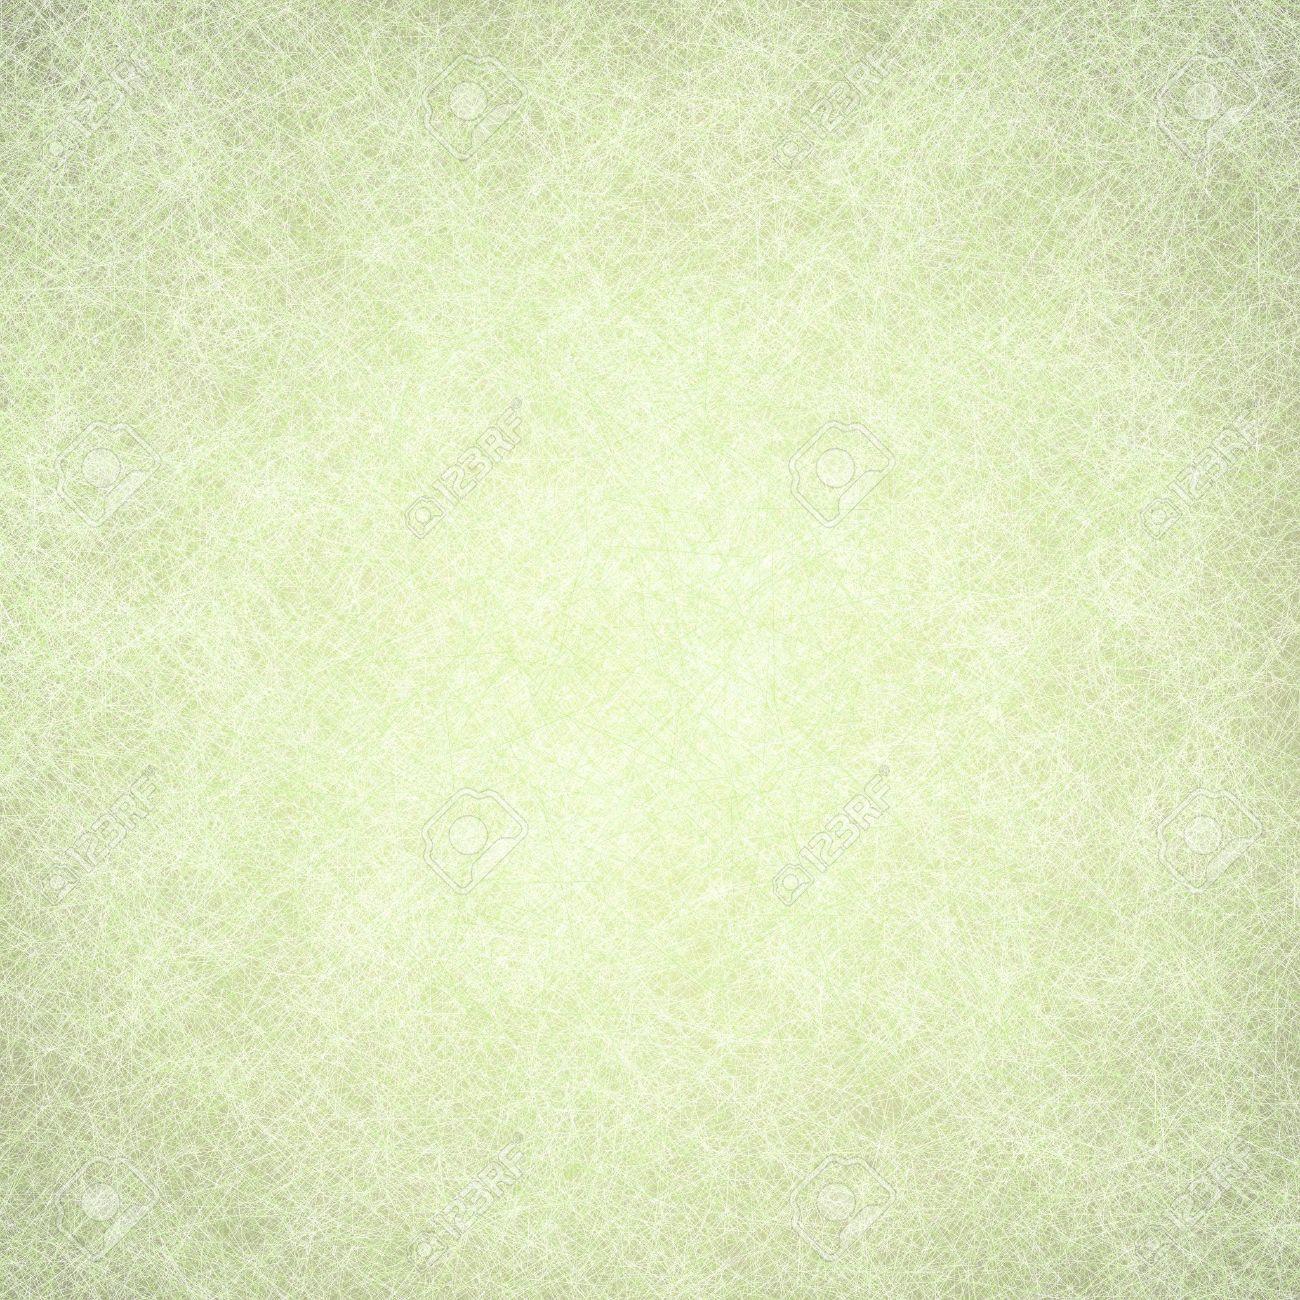 solide texture de fond vert pastel couleur vert clair et fane vieille conception de texture affligee de surface faible amende blanc de motif de ligne